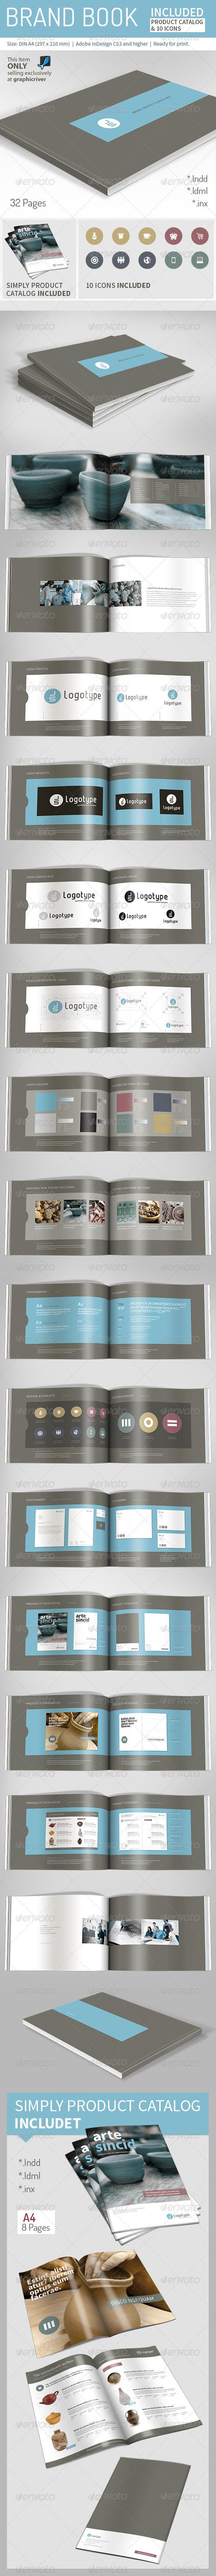 GraphicRiver Brand Book 6617044